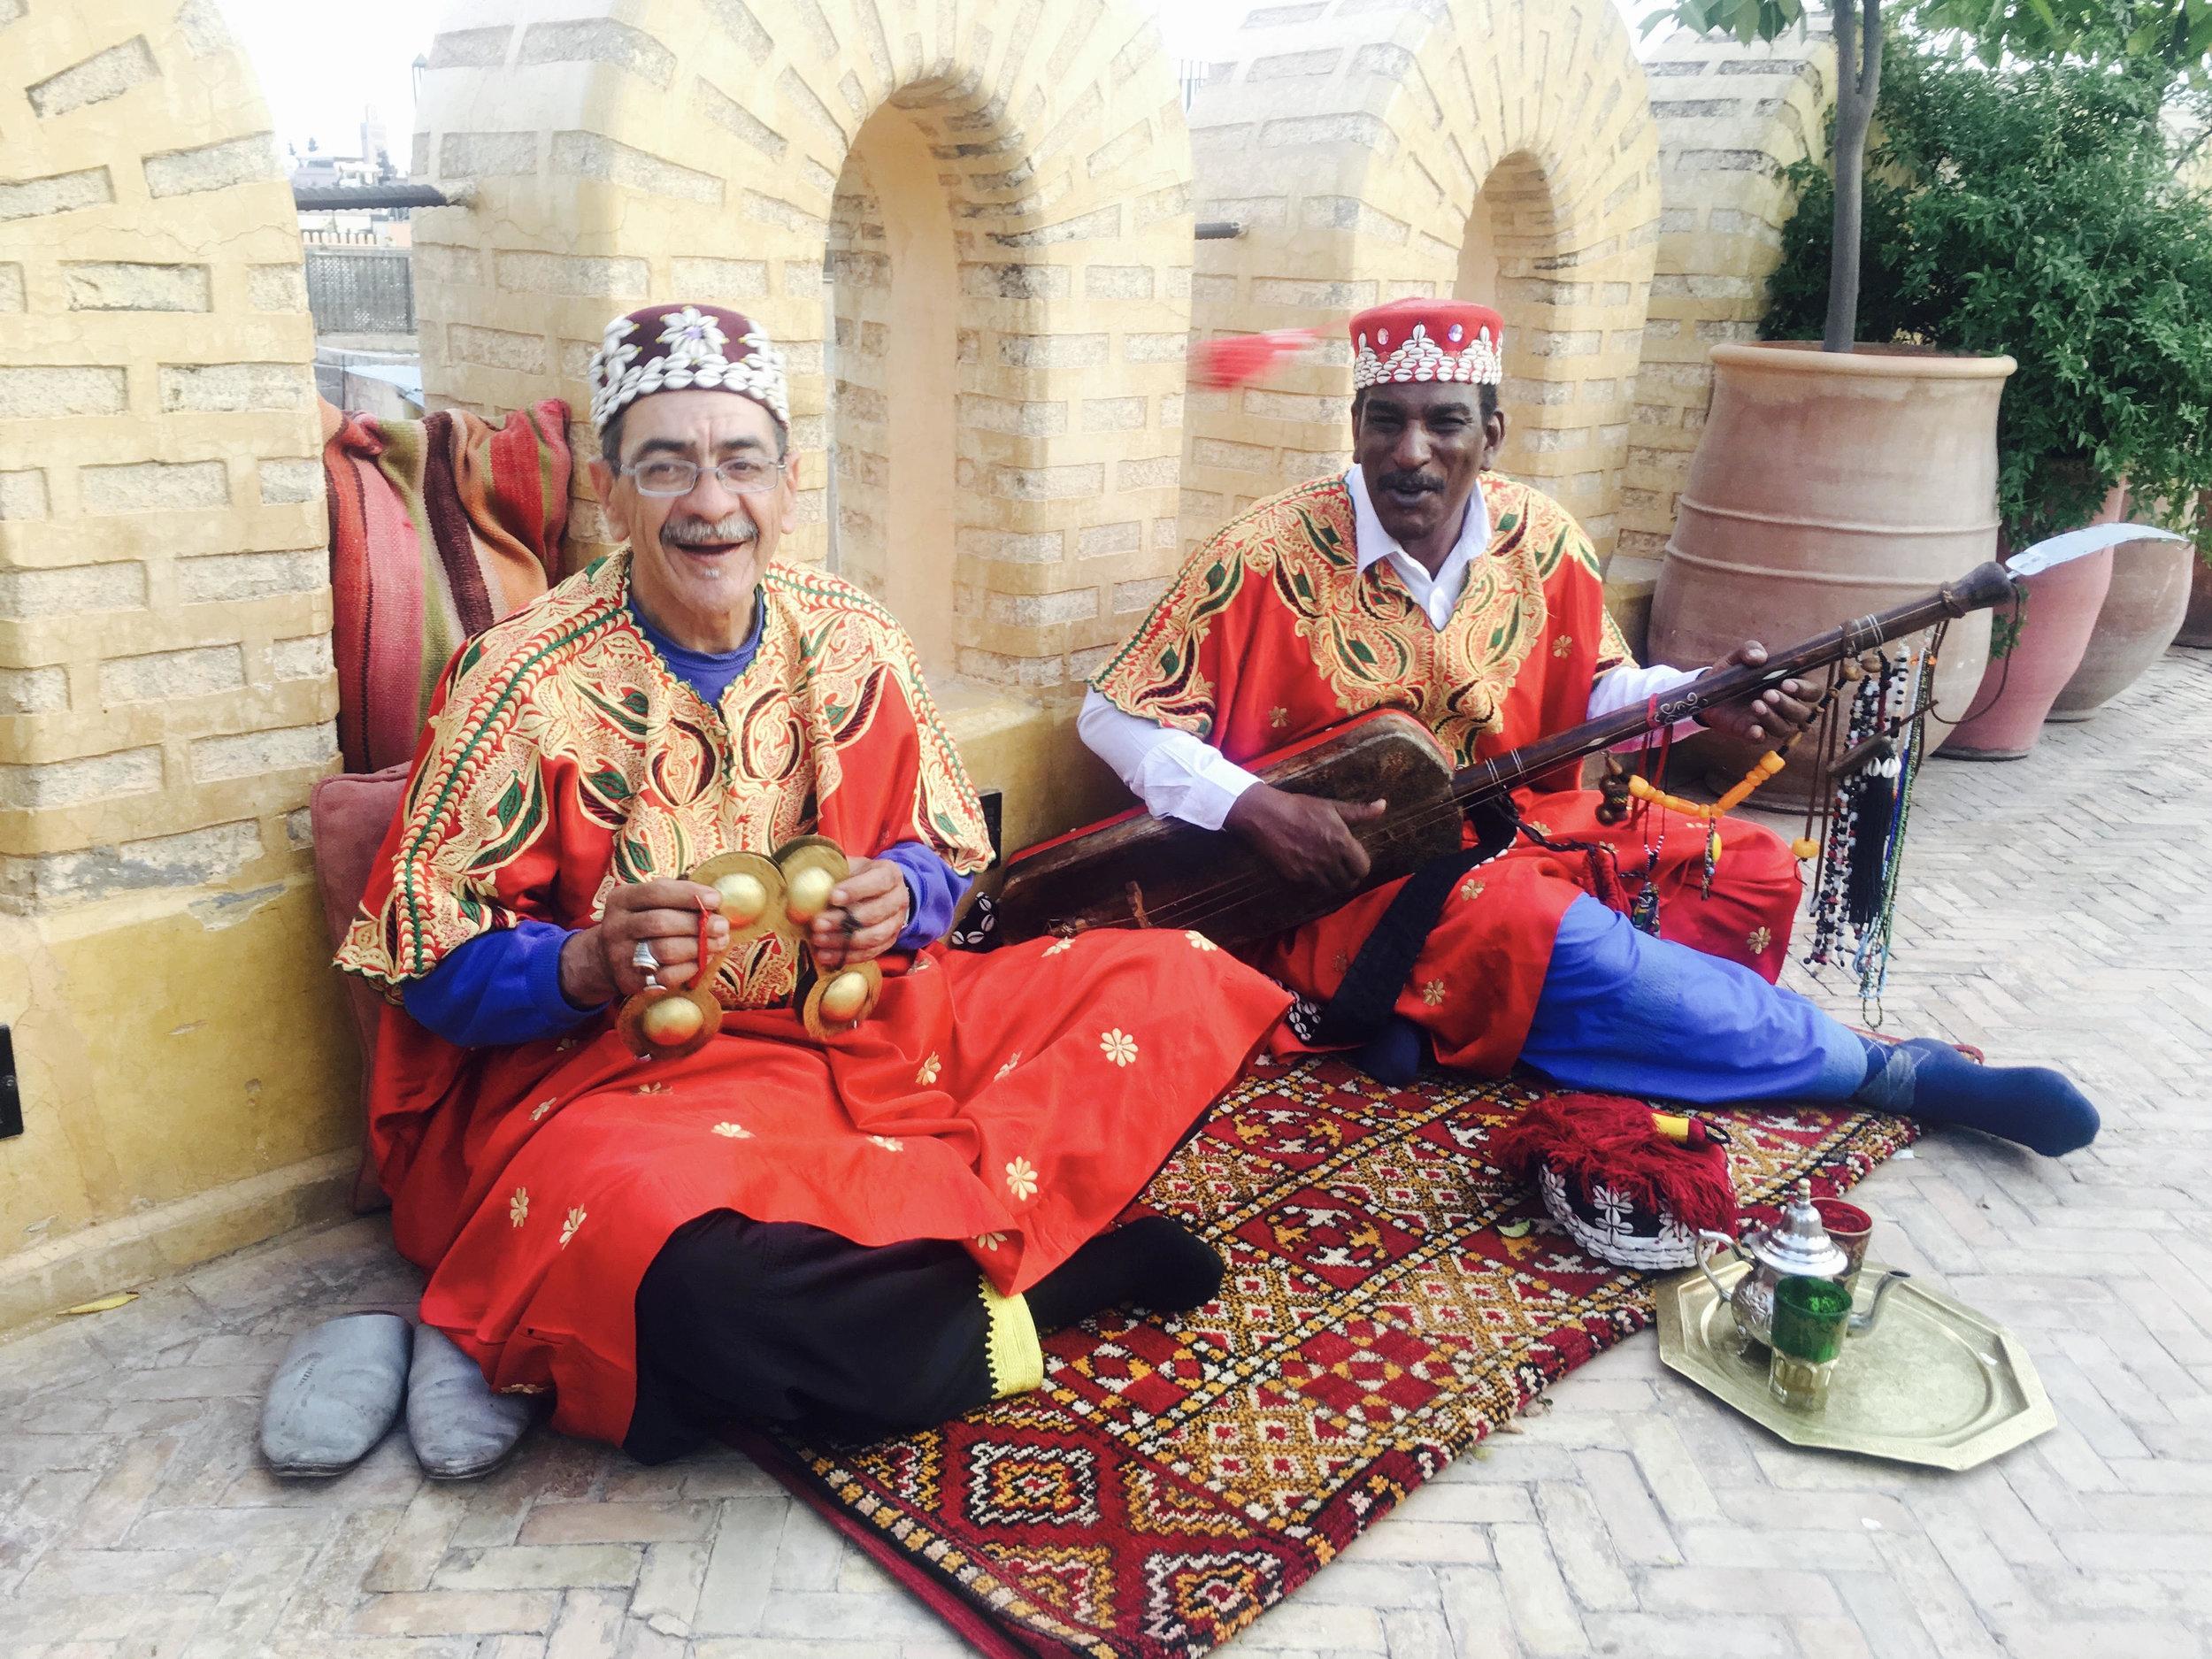 Gnaoua musicians at Yacout Restaurant, Marrakech